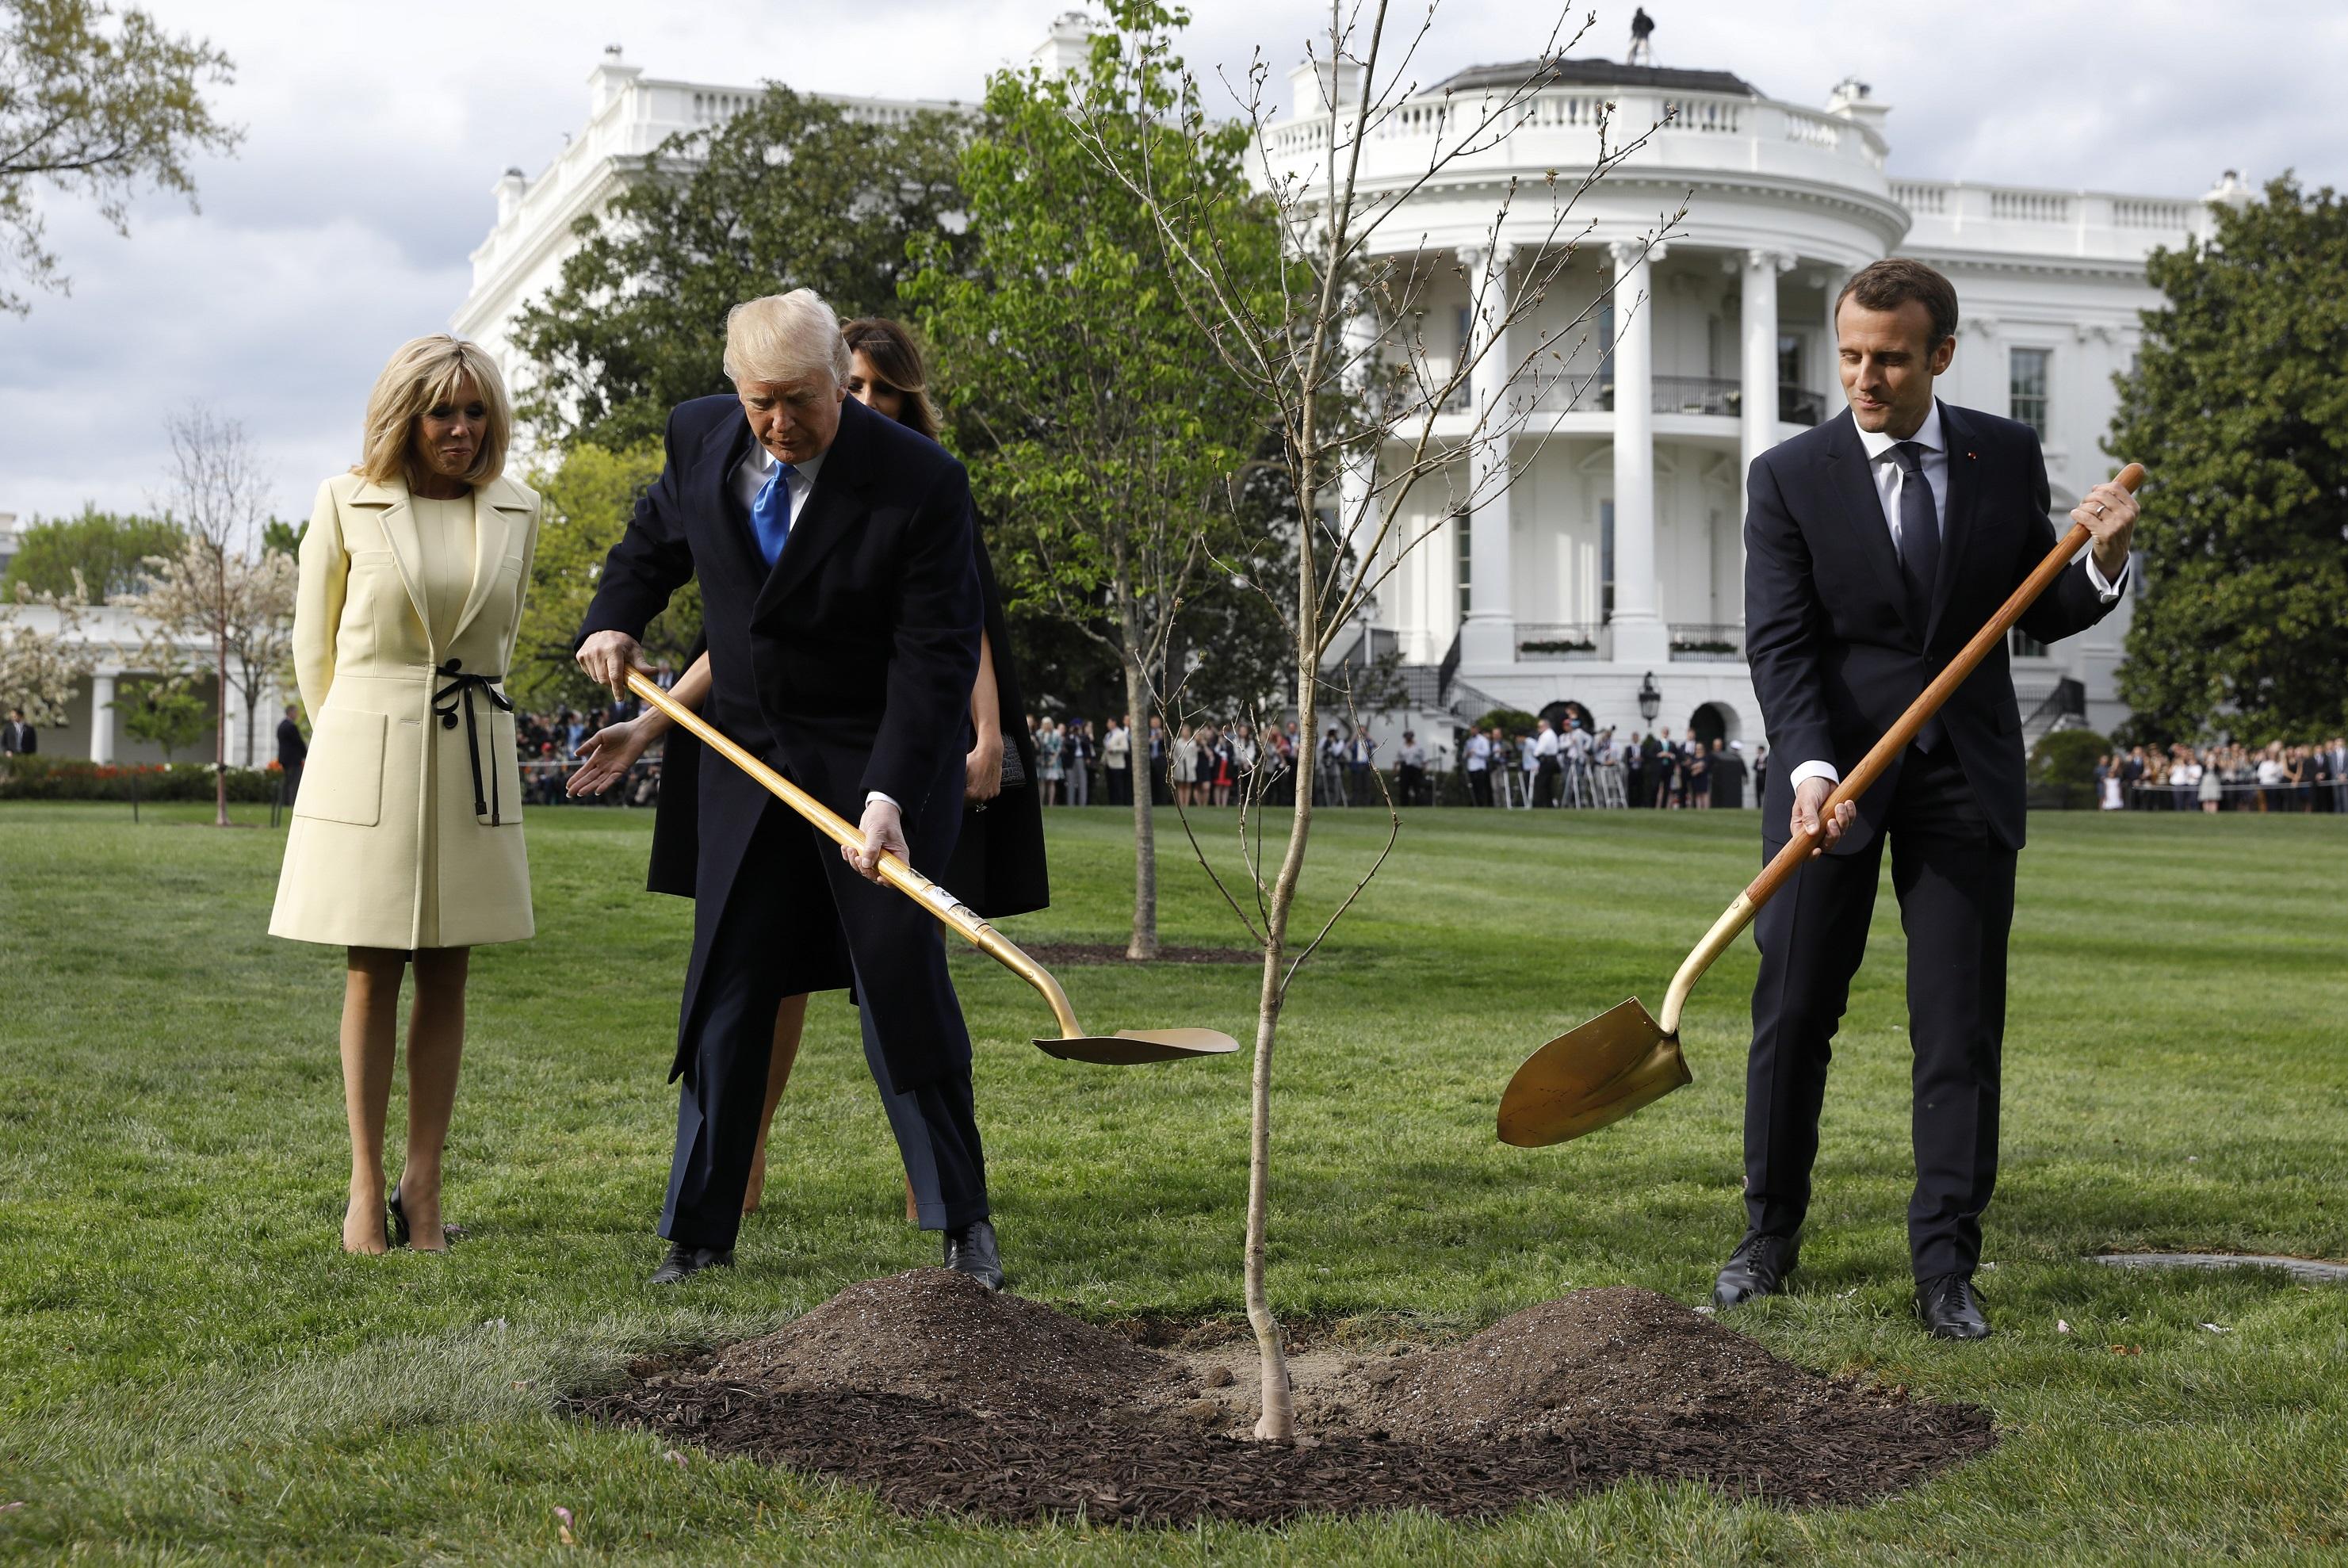 Egy gödör keletkezett a Fehér Ház gyepén